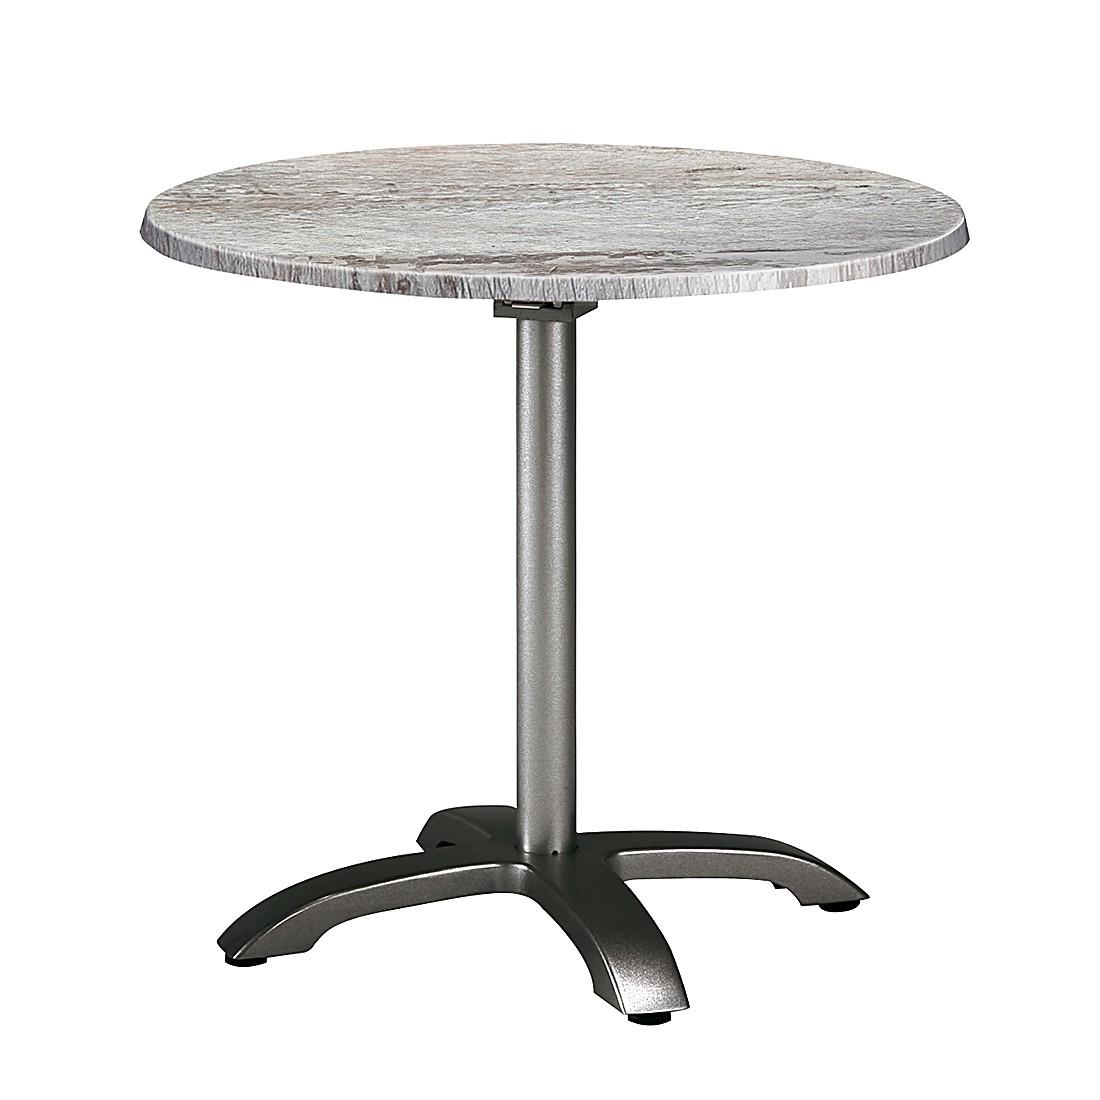 Klapptisch Maestro - Aluminium/Werzalit - Anthrazit/Montpellier Dekor, Best Freizeitmöbel